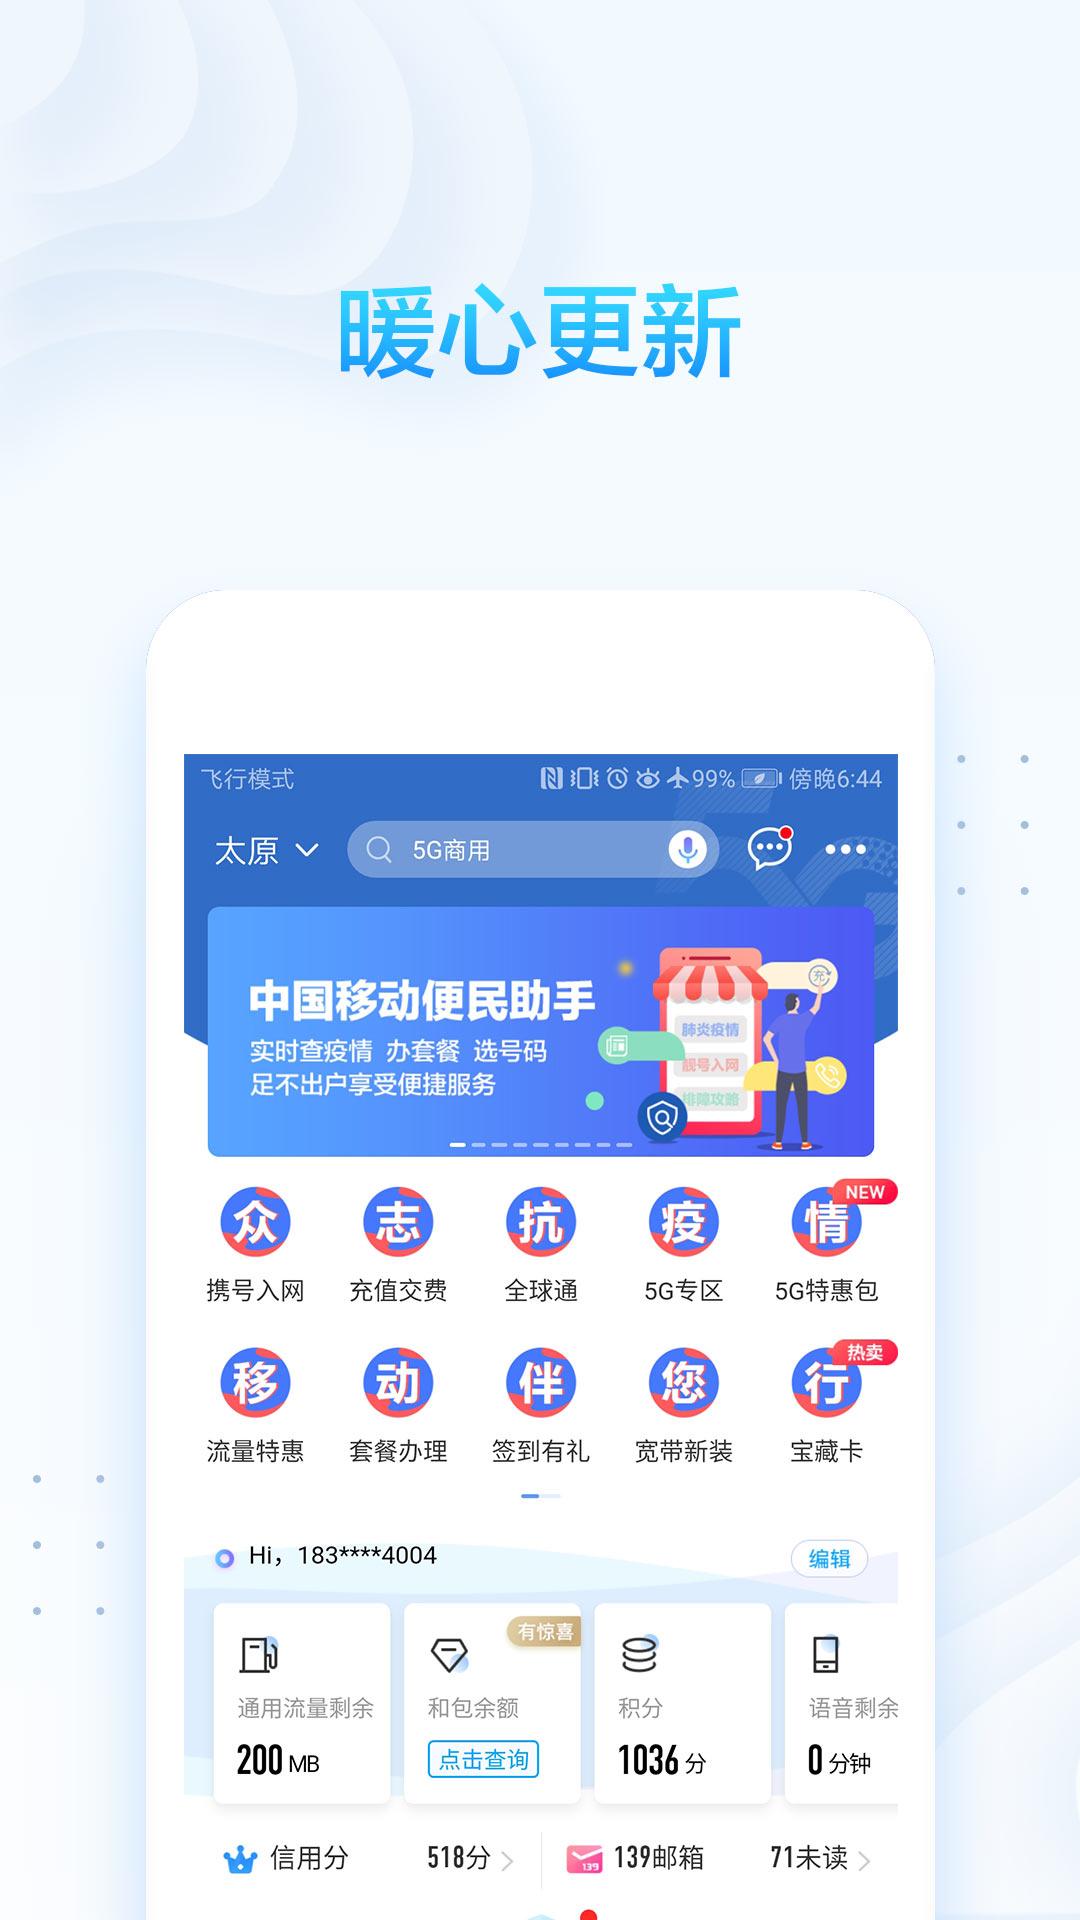 中国移动官方商城_中国移动免费下载_华为应用市场 中国移动安卓版(6.1.5)下载